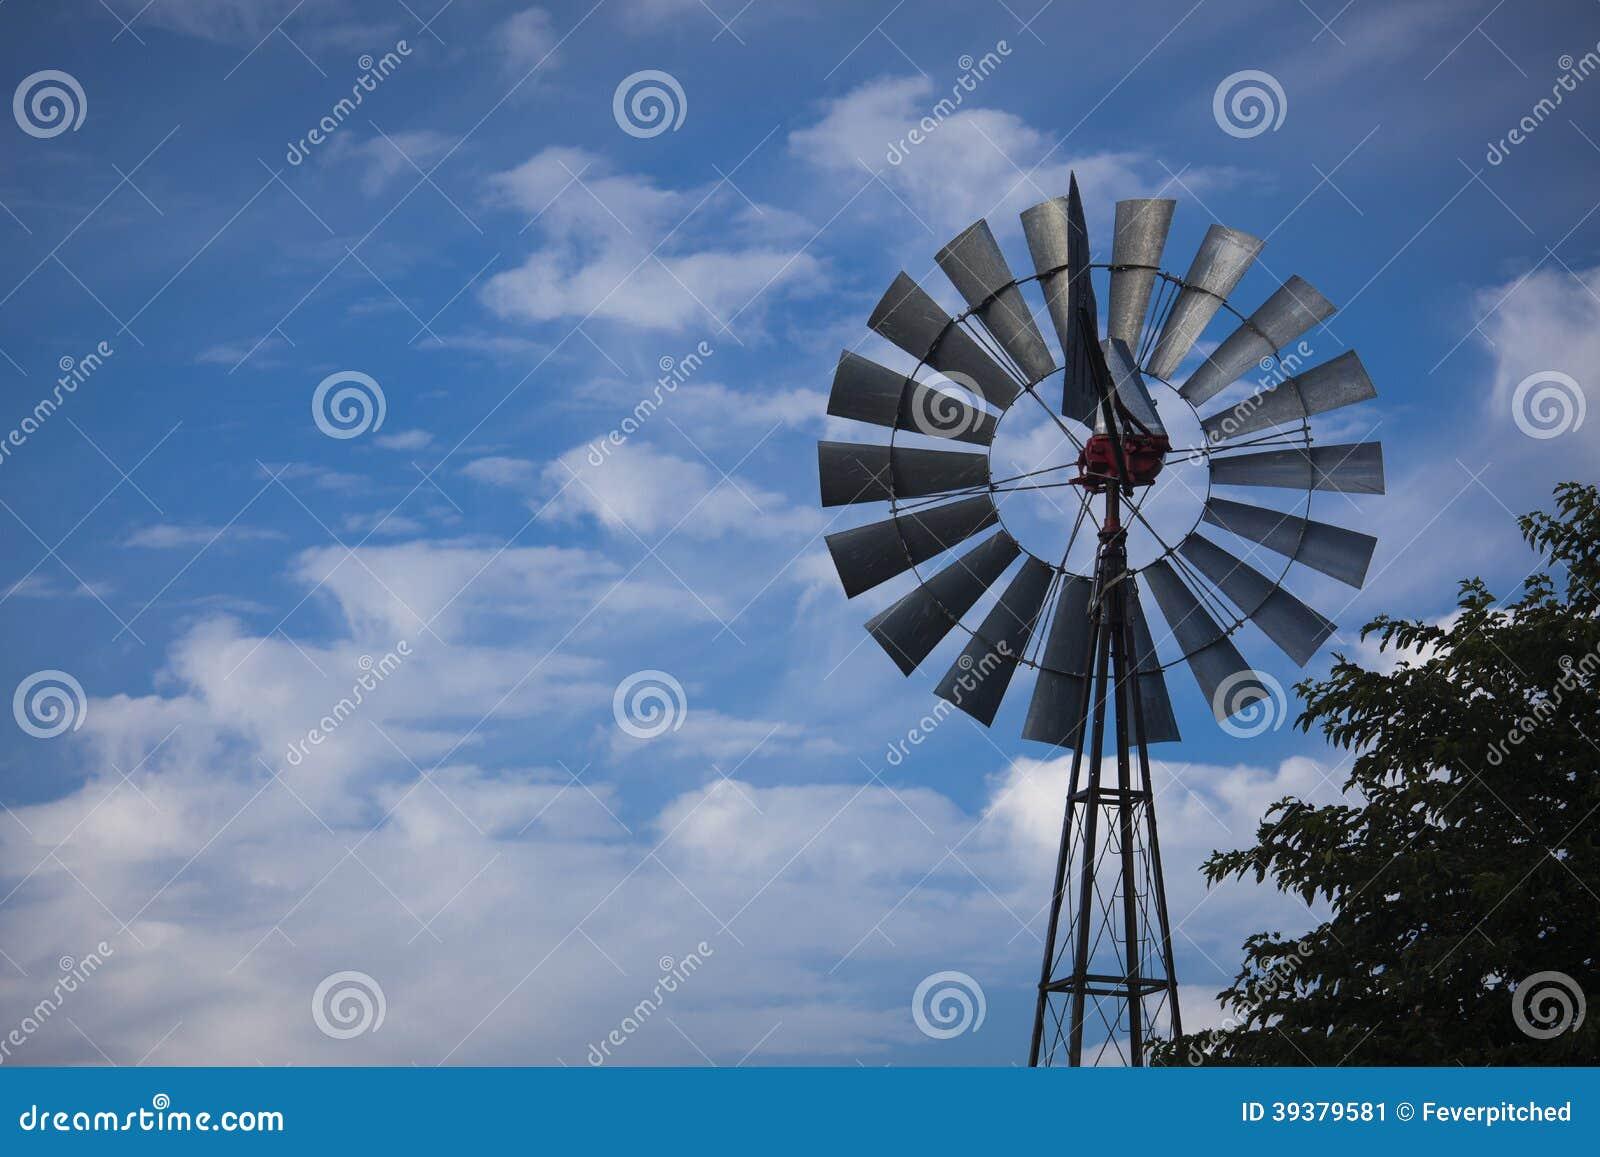 Windmill Against a Deep Blue Sky